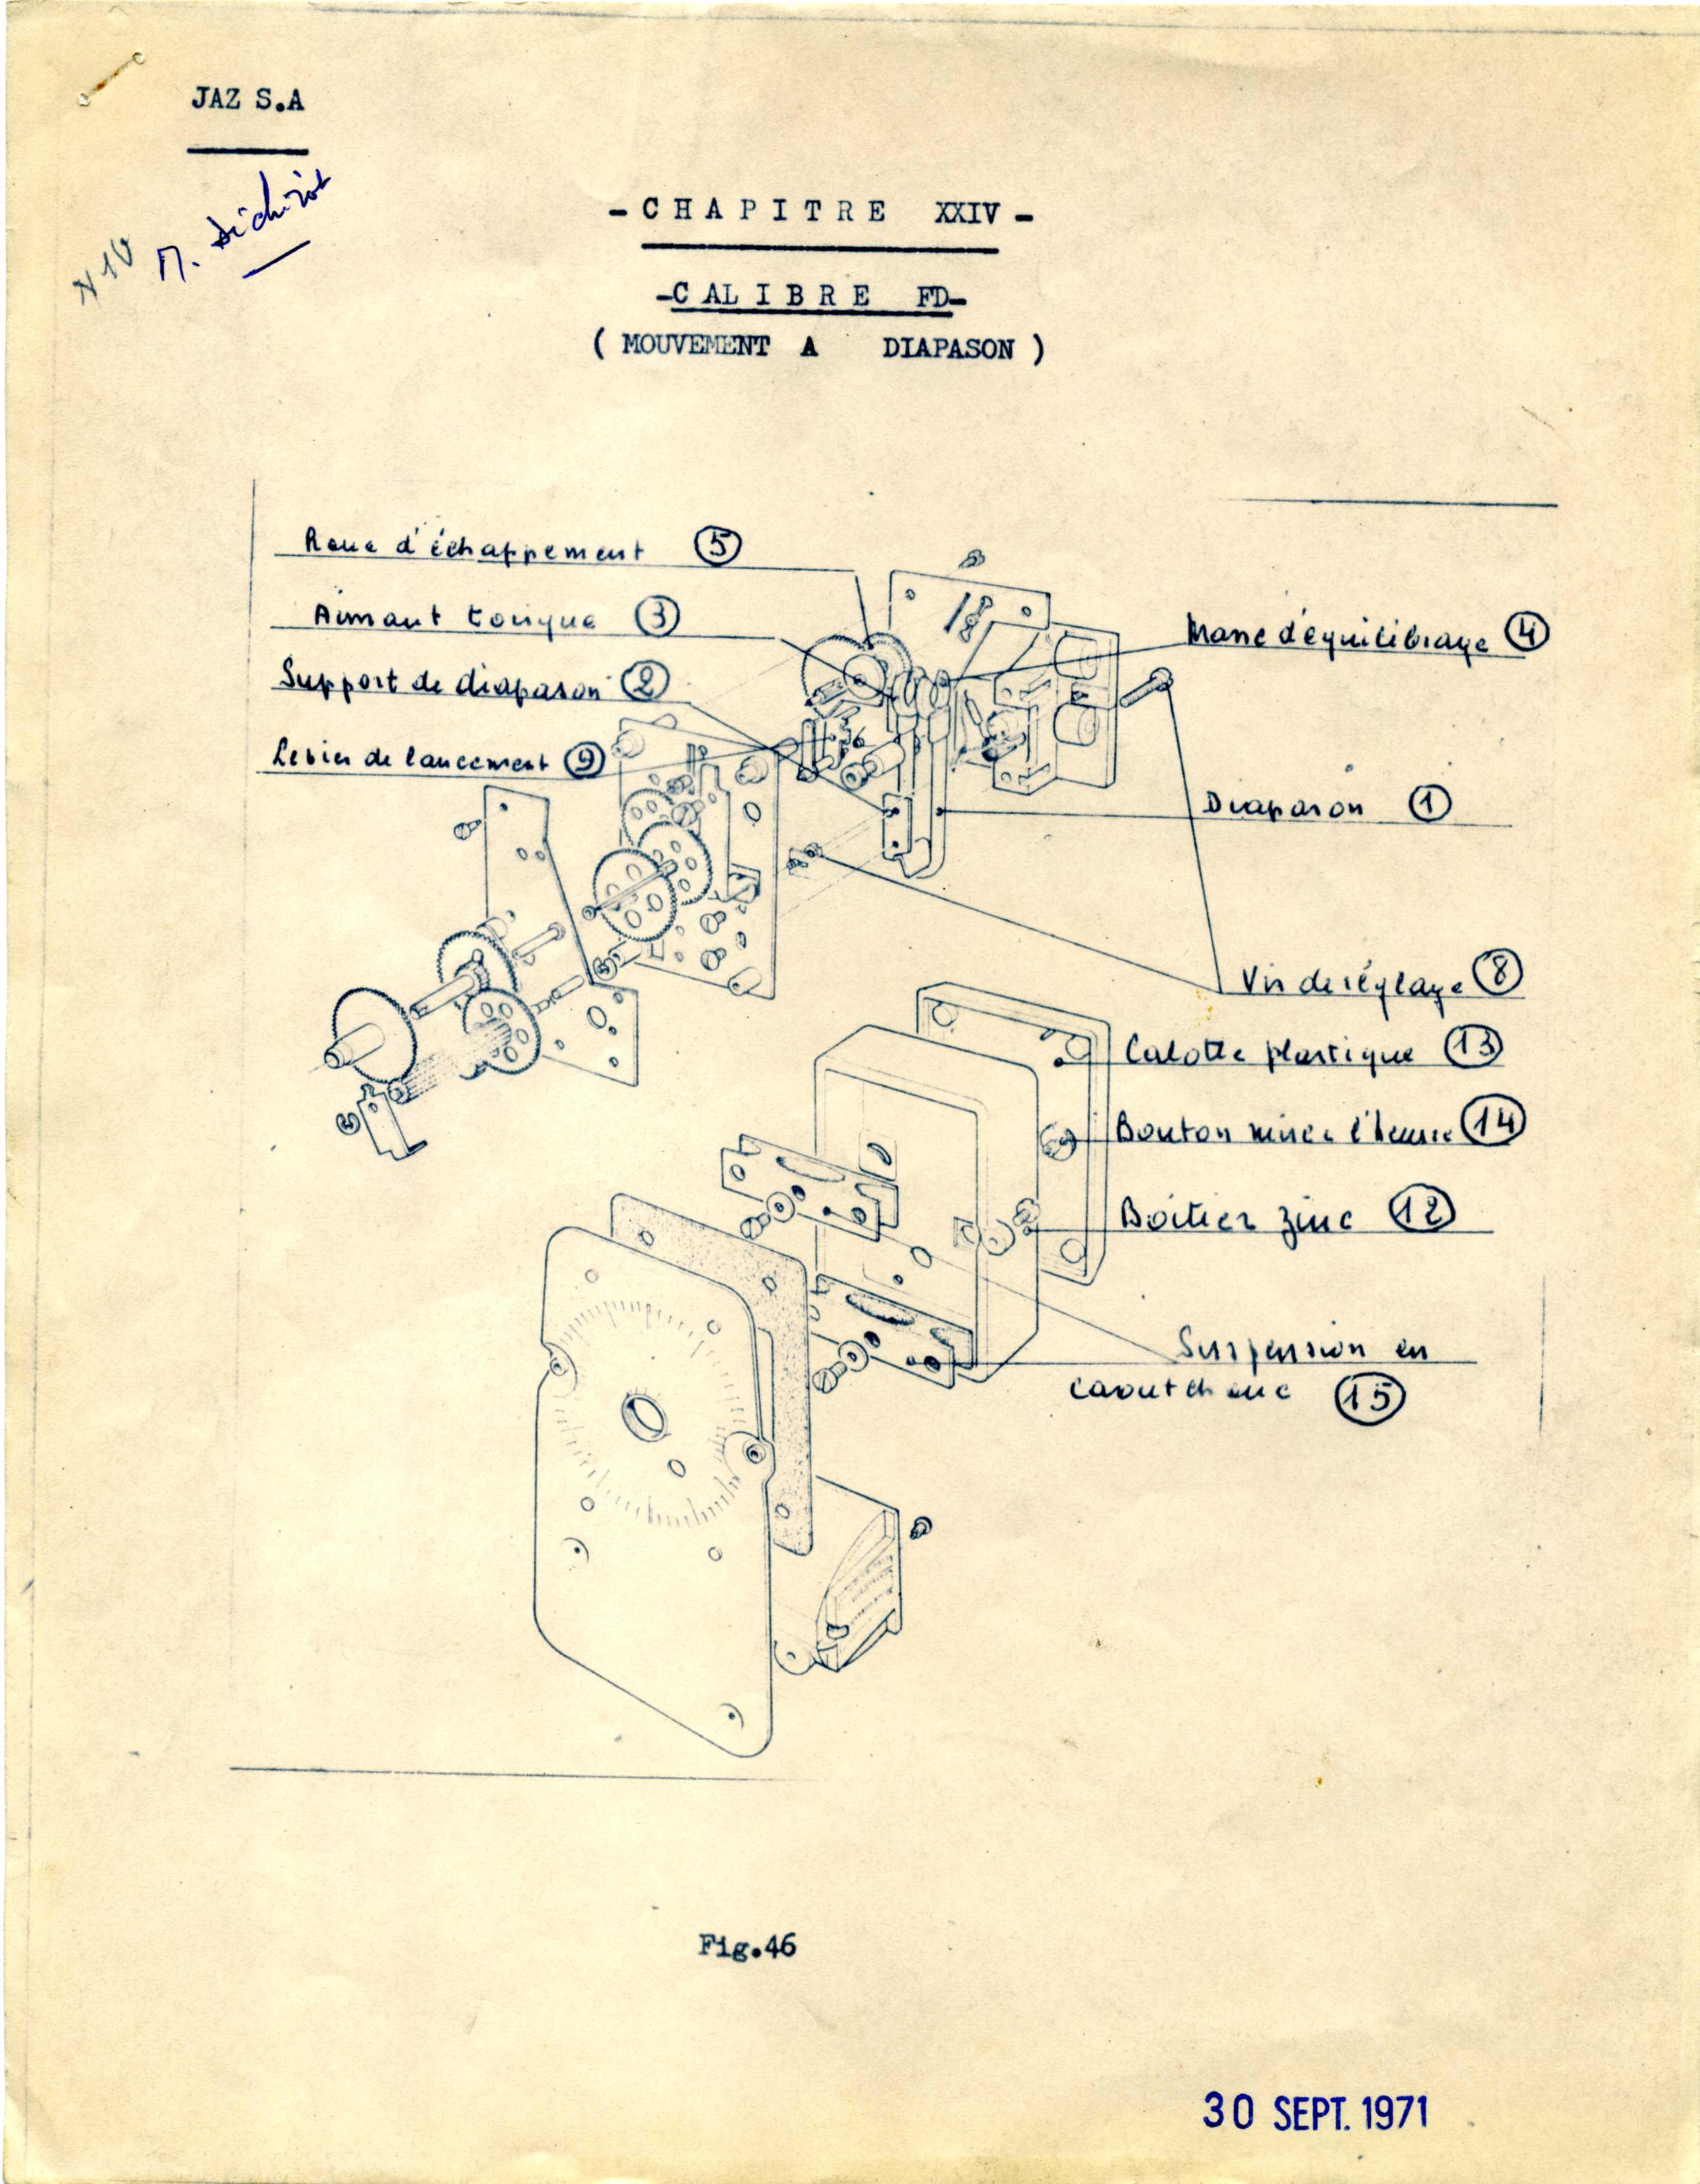 calibre diapason001